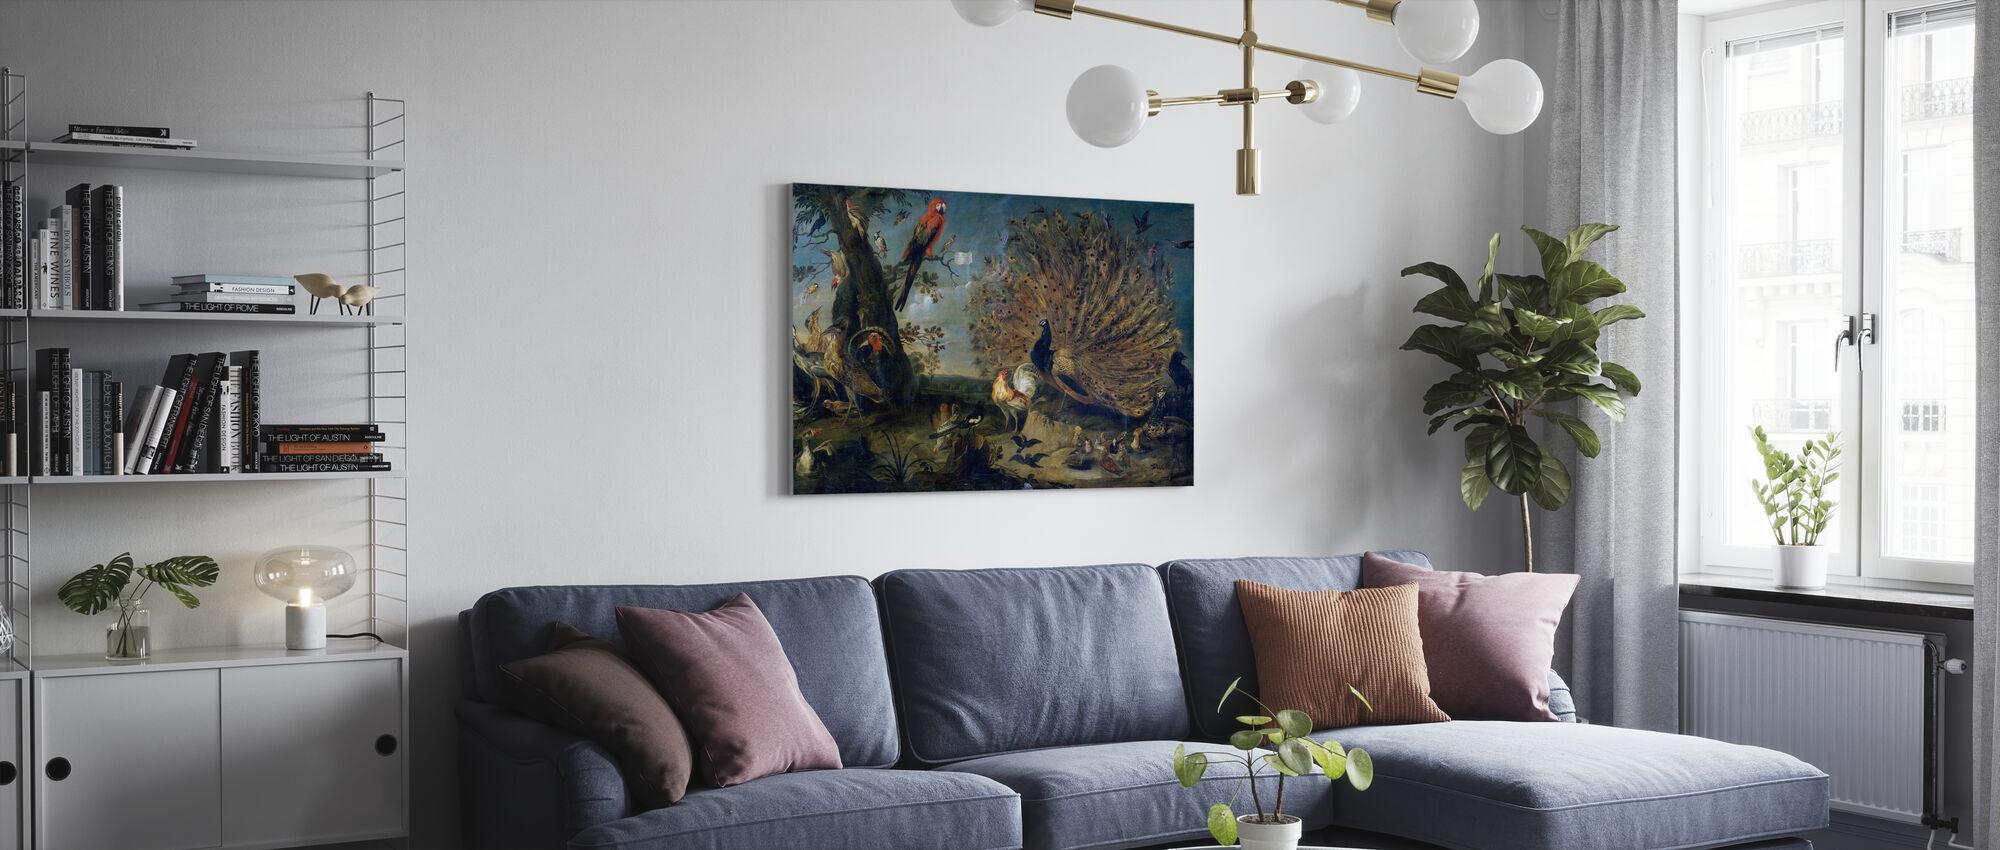 Vogelconcert - Frans Snyders - Canvas print - Woonkamer